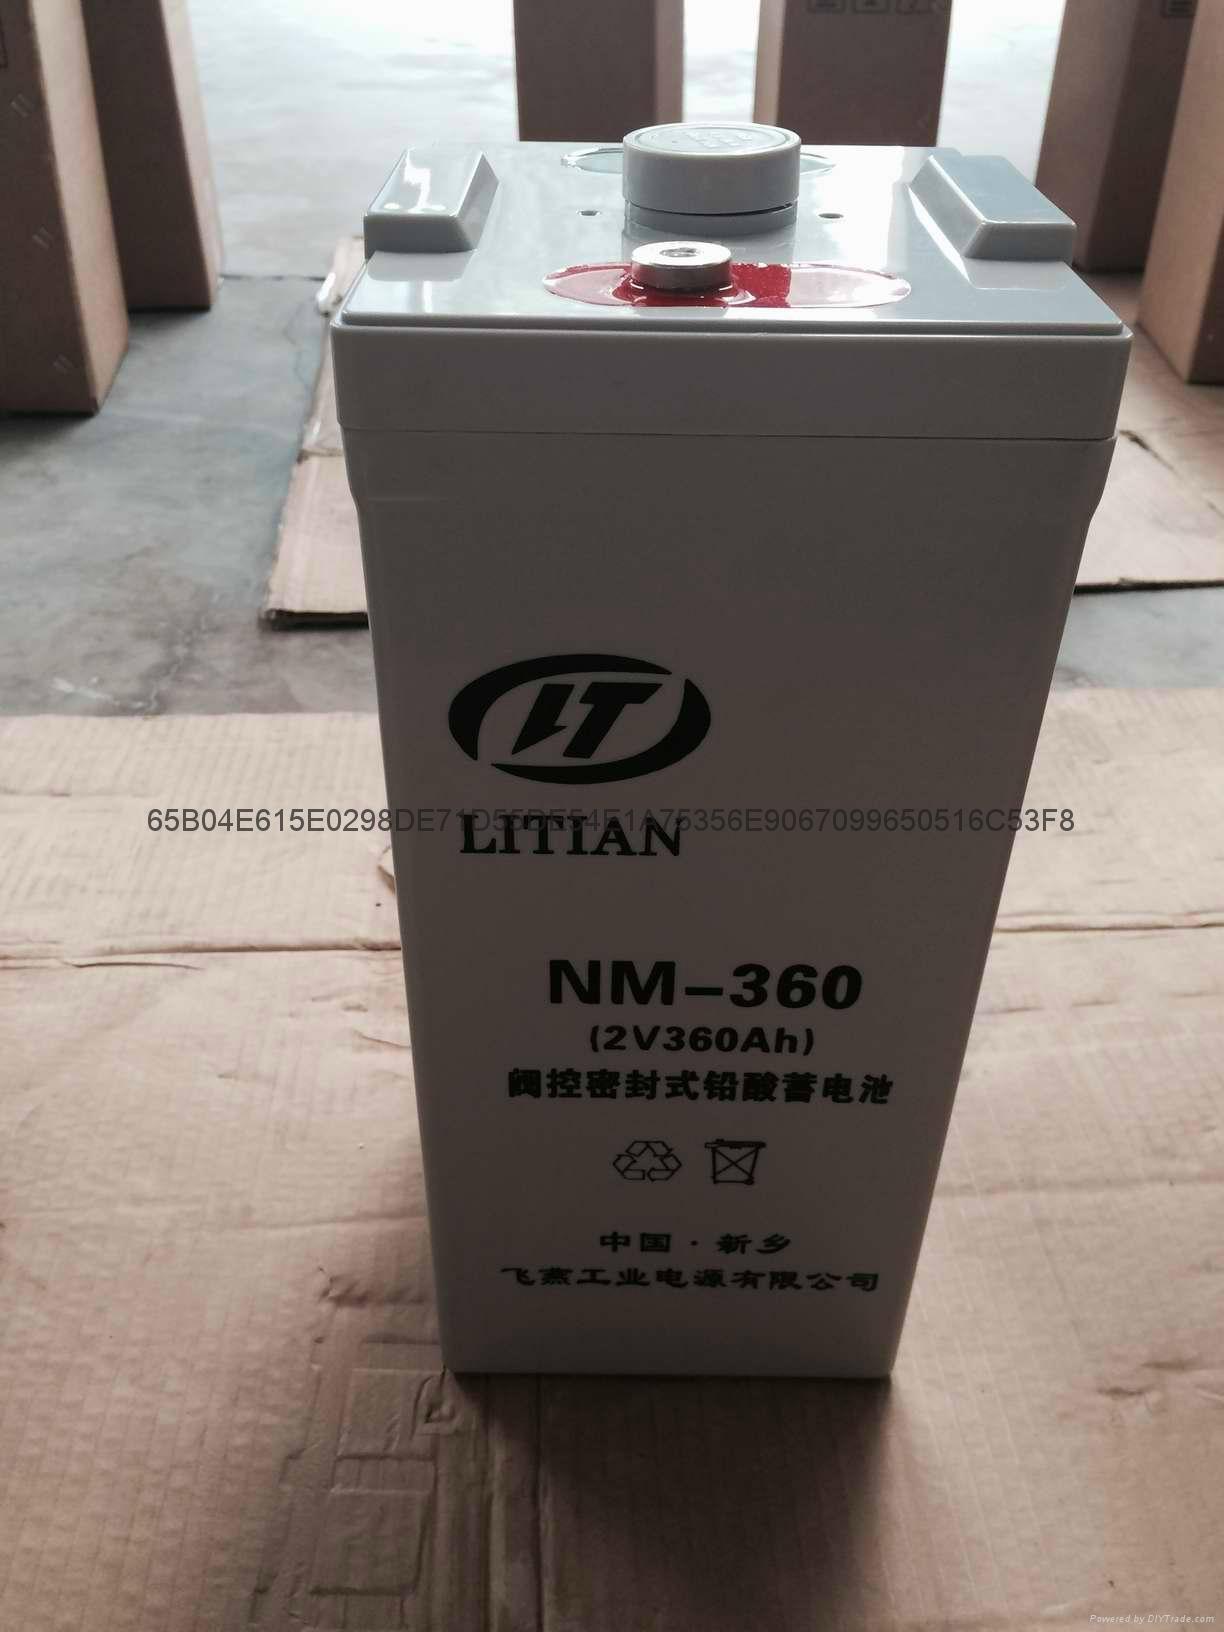 铁路内燃机车专用蓄电池 力天牌NM-300 5